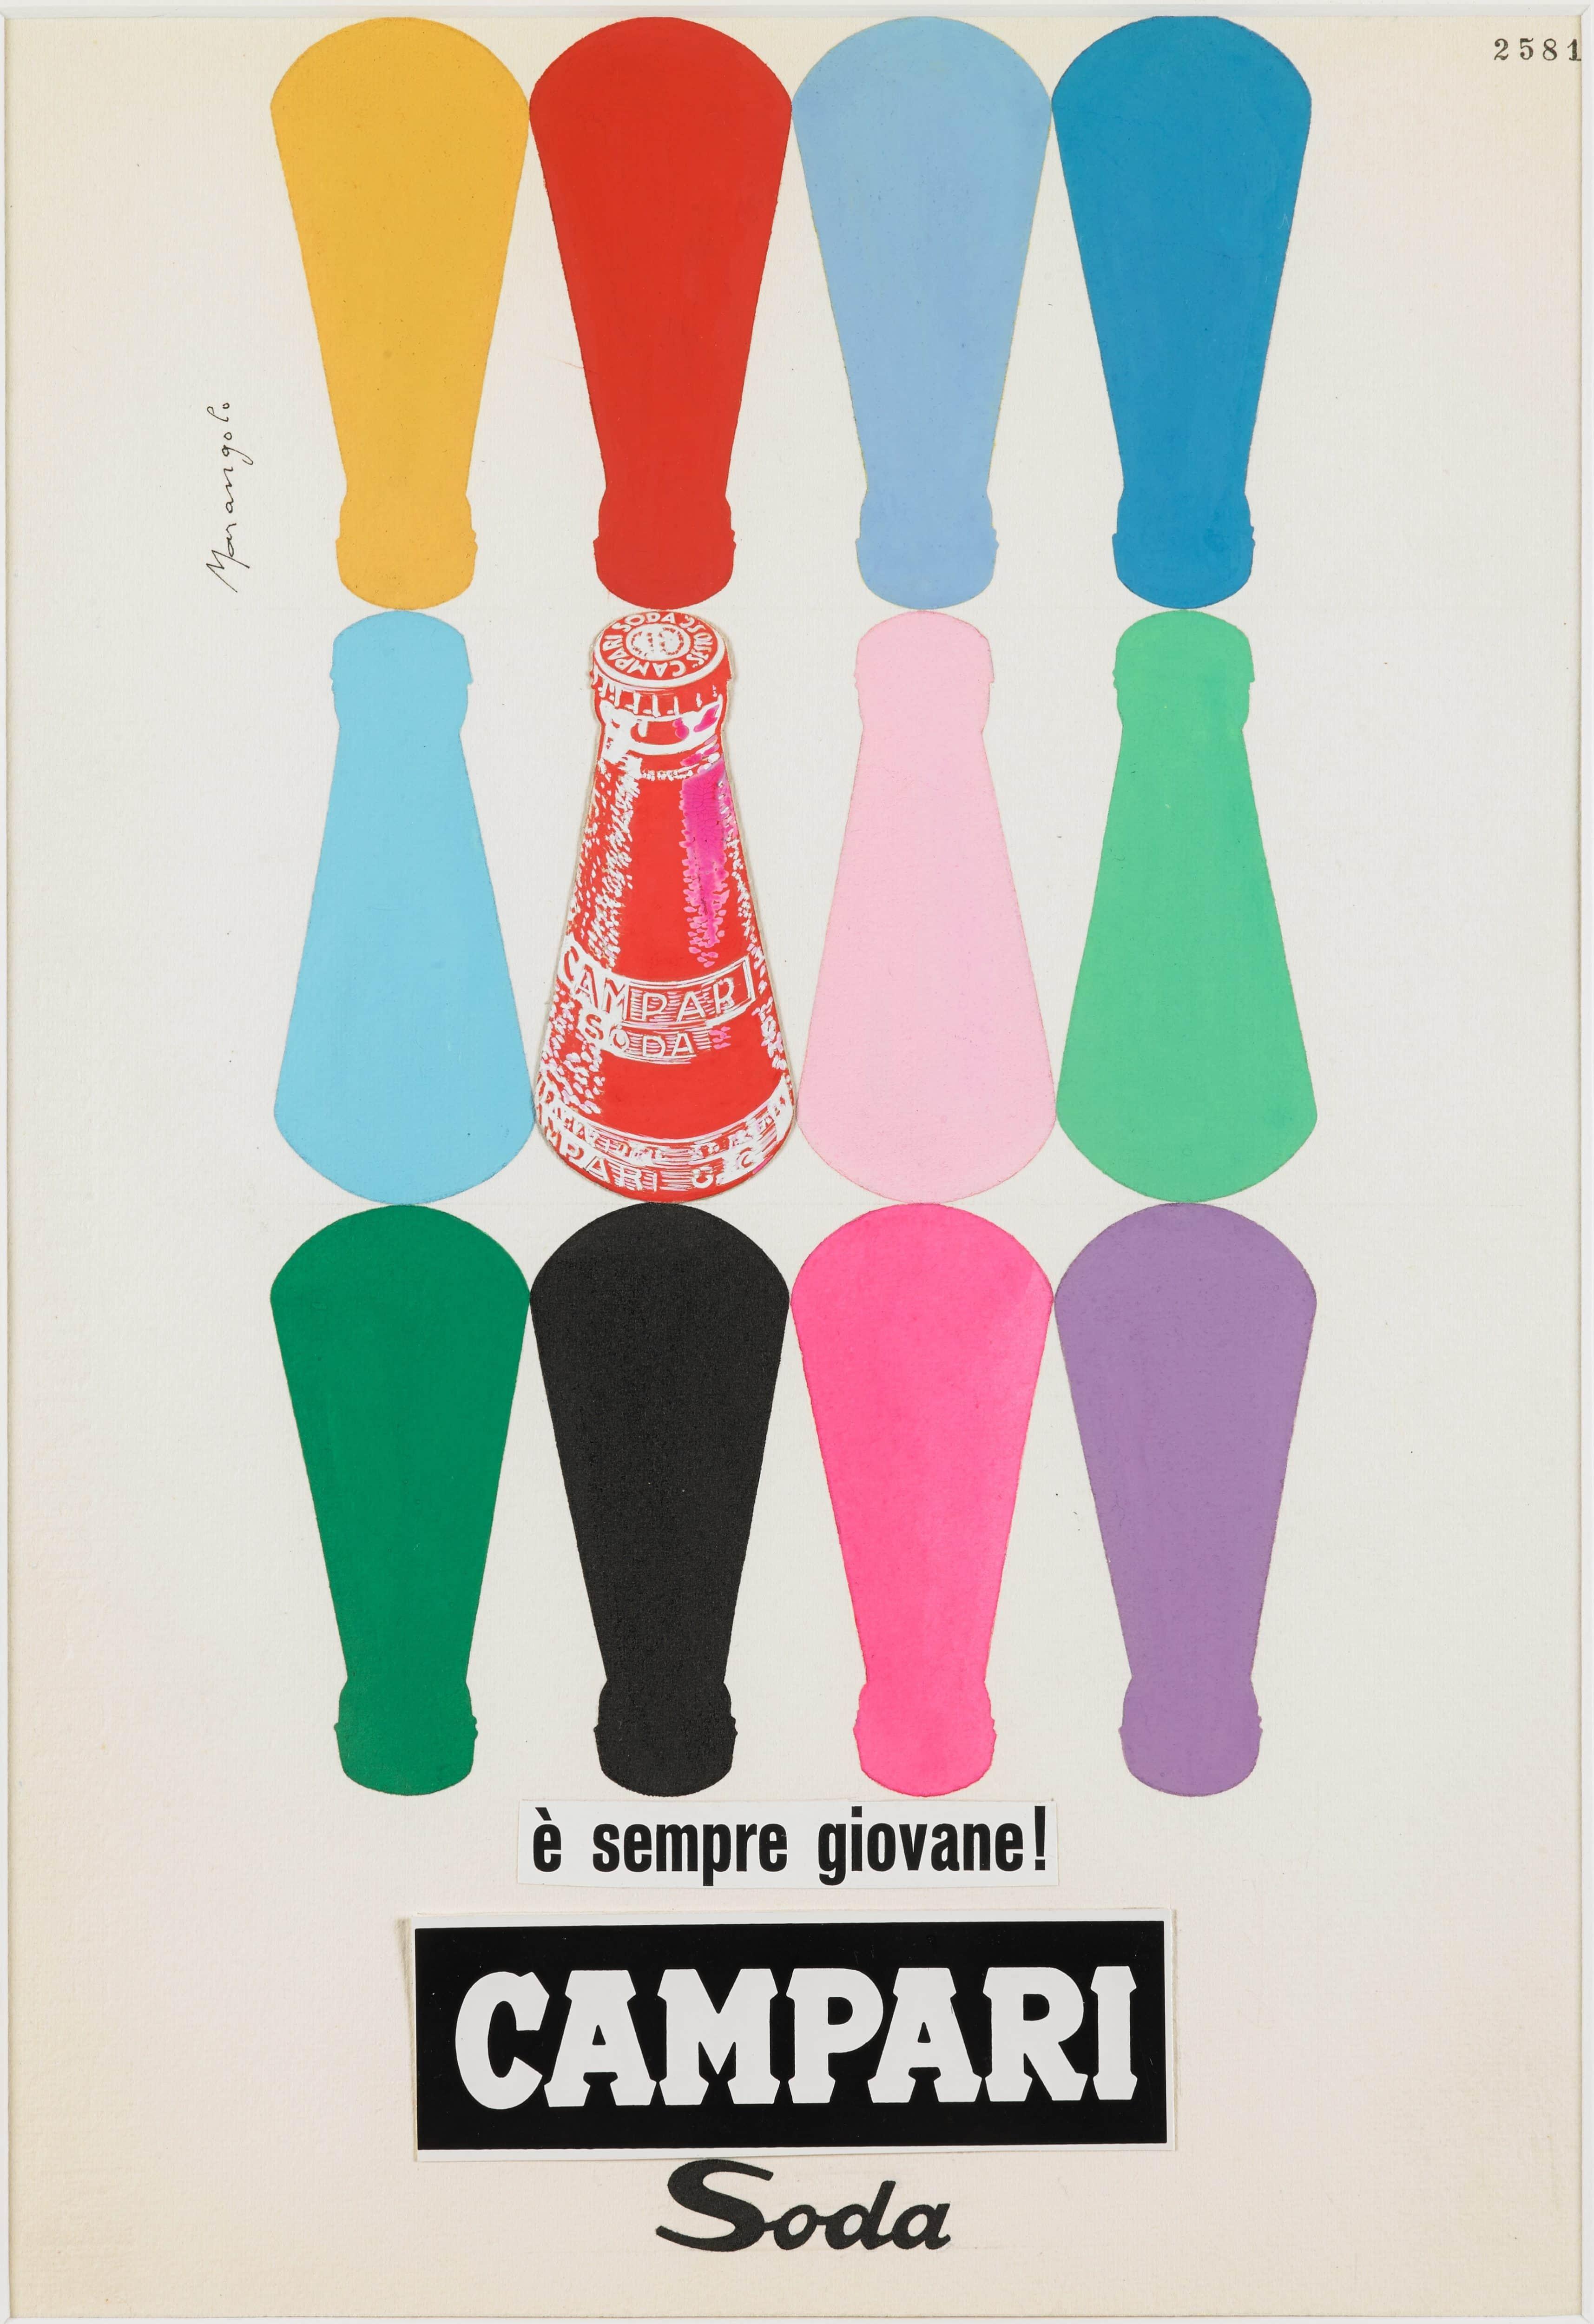 Campari and soda, forever young, 1960s, Franz Marangolo